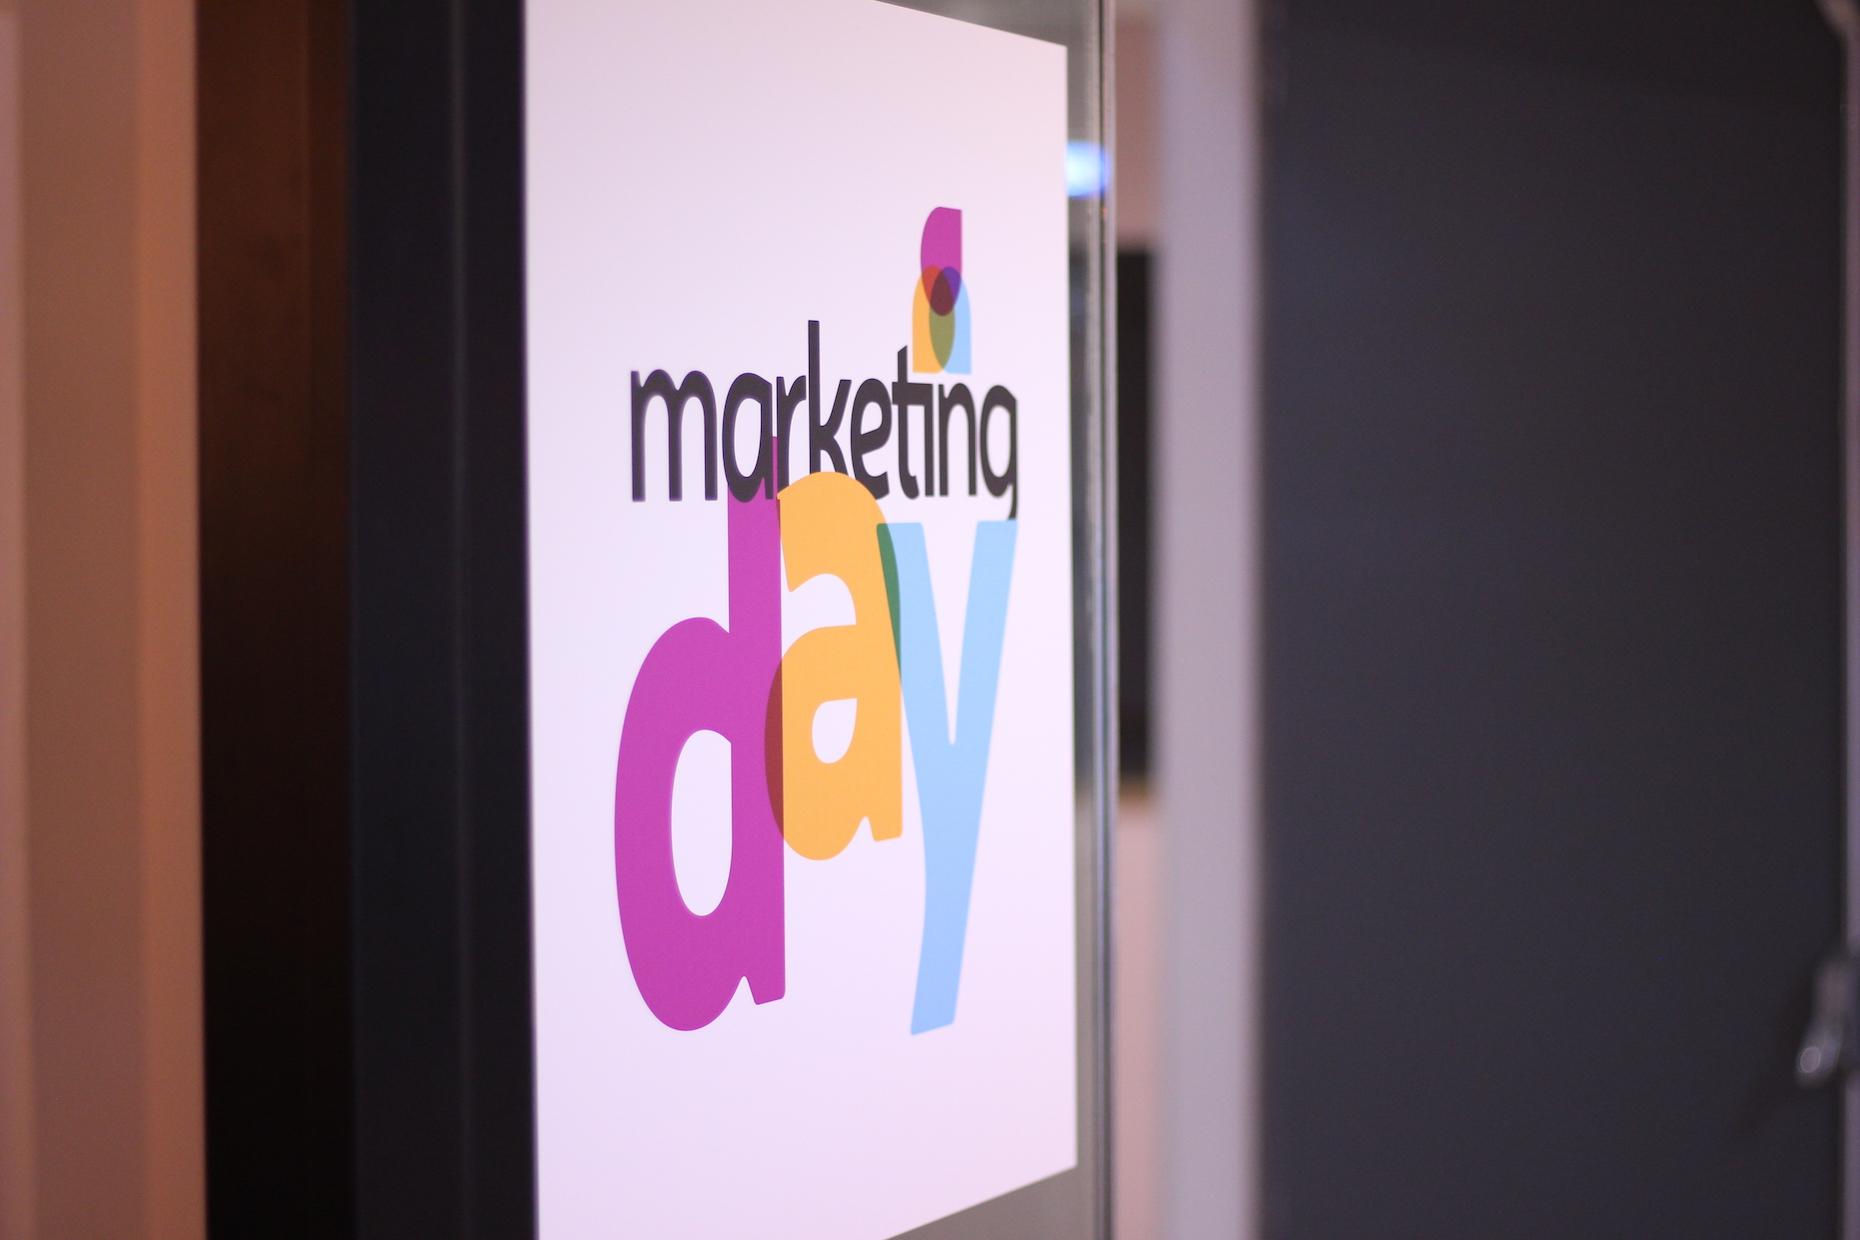 Wrike, partenaire de l'édition 2017 du Marketing Day